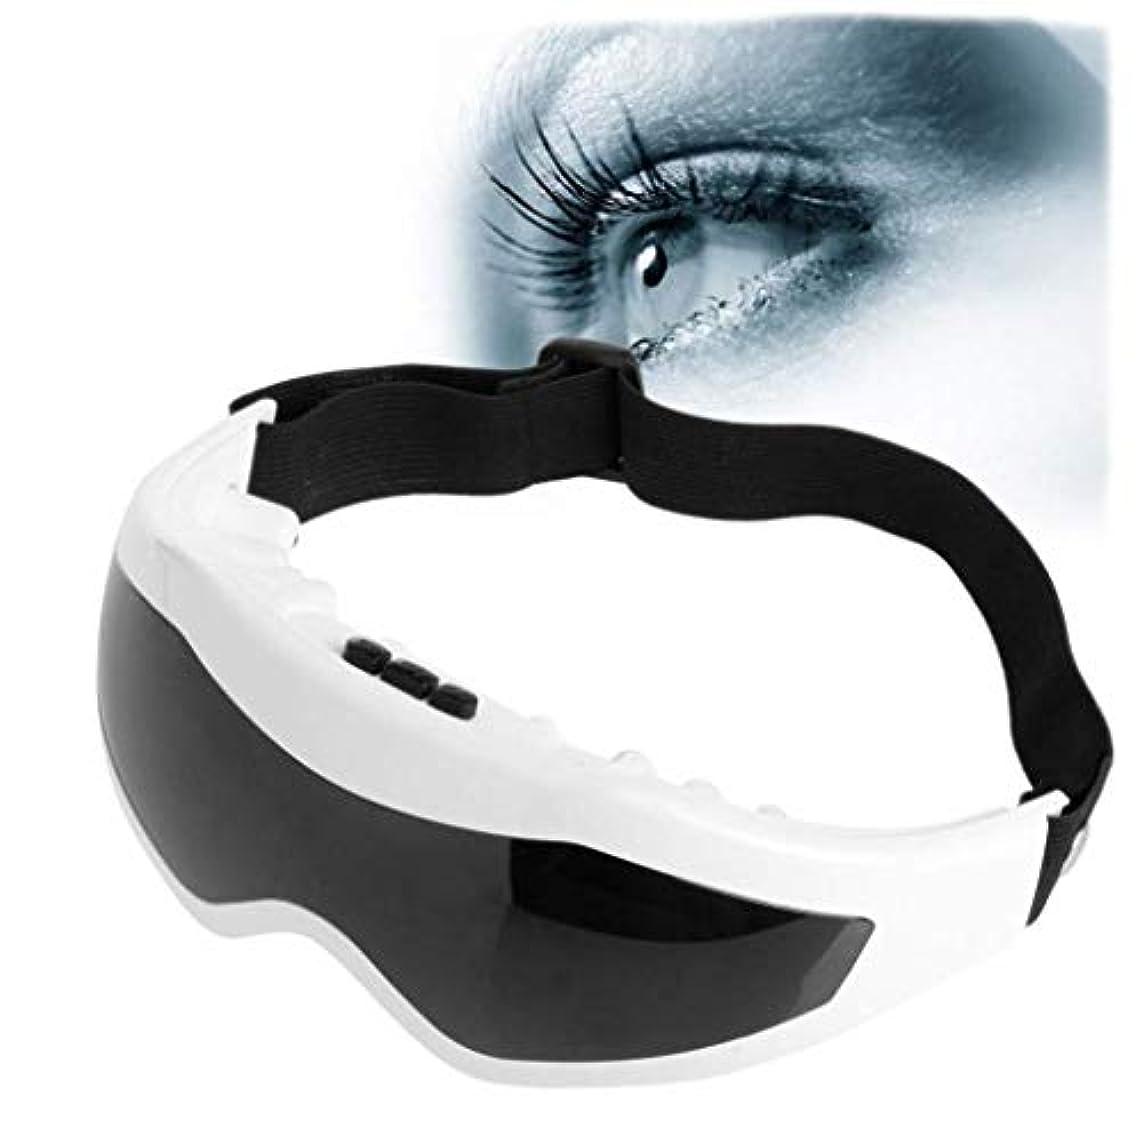 加速する粘土丈夫電気アイマッサージャー、9種類のマッサージ方法USB充電式、アイケアマッサージリラックス振動を軽減指の圧力を軽減します目の疲れを軽減するための保護器具